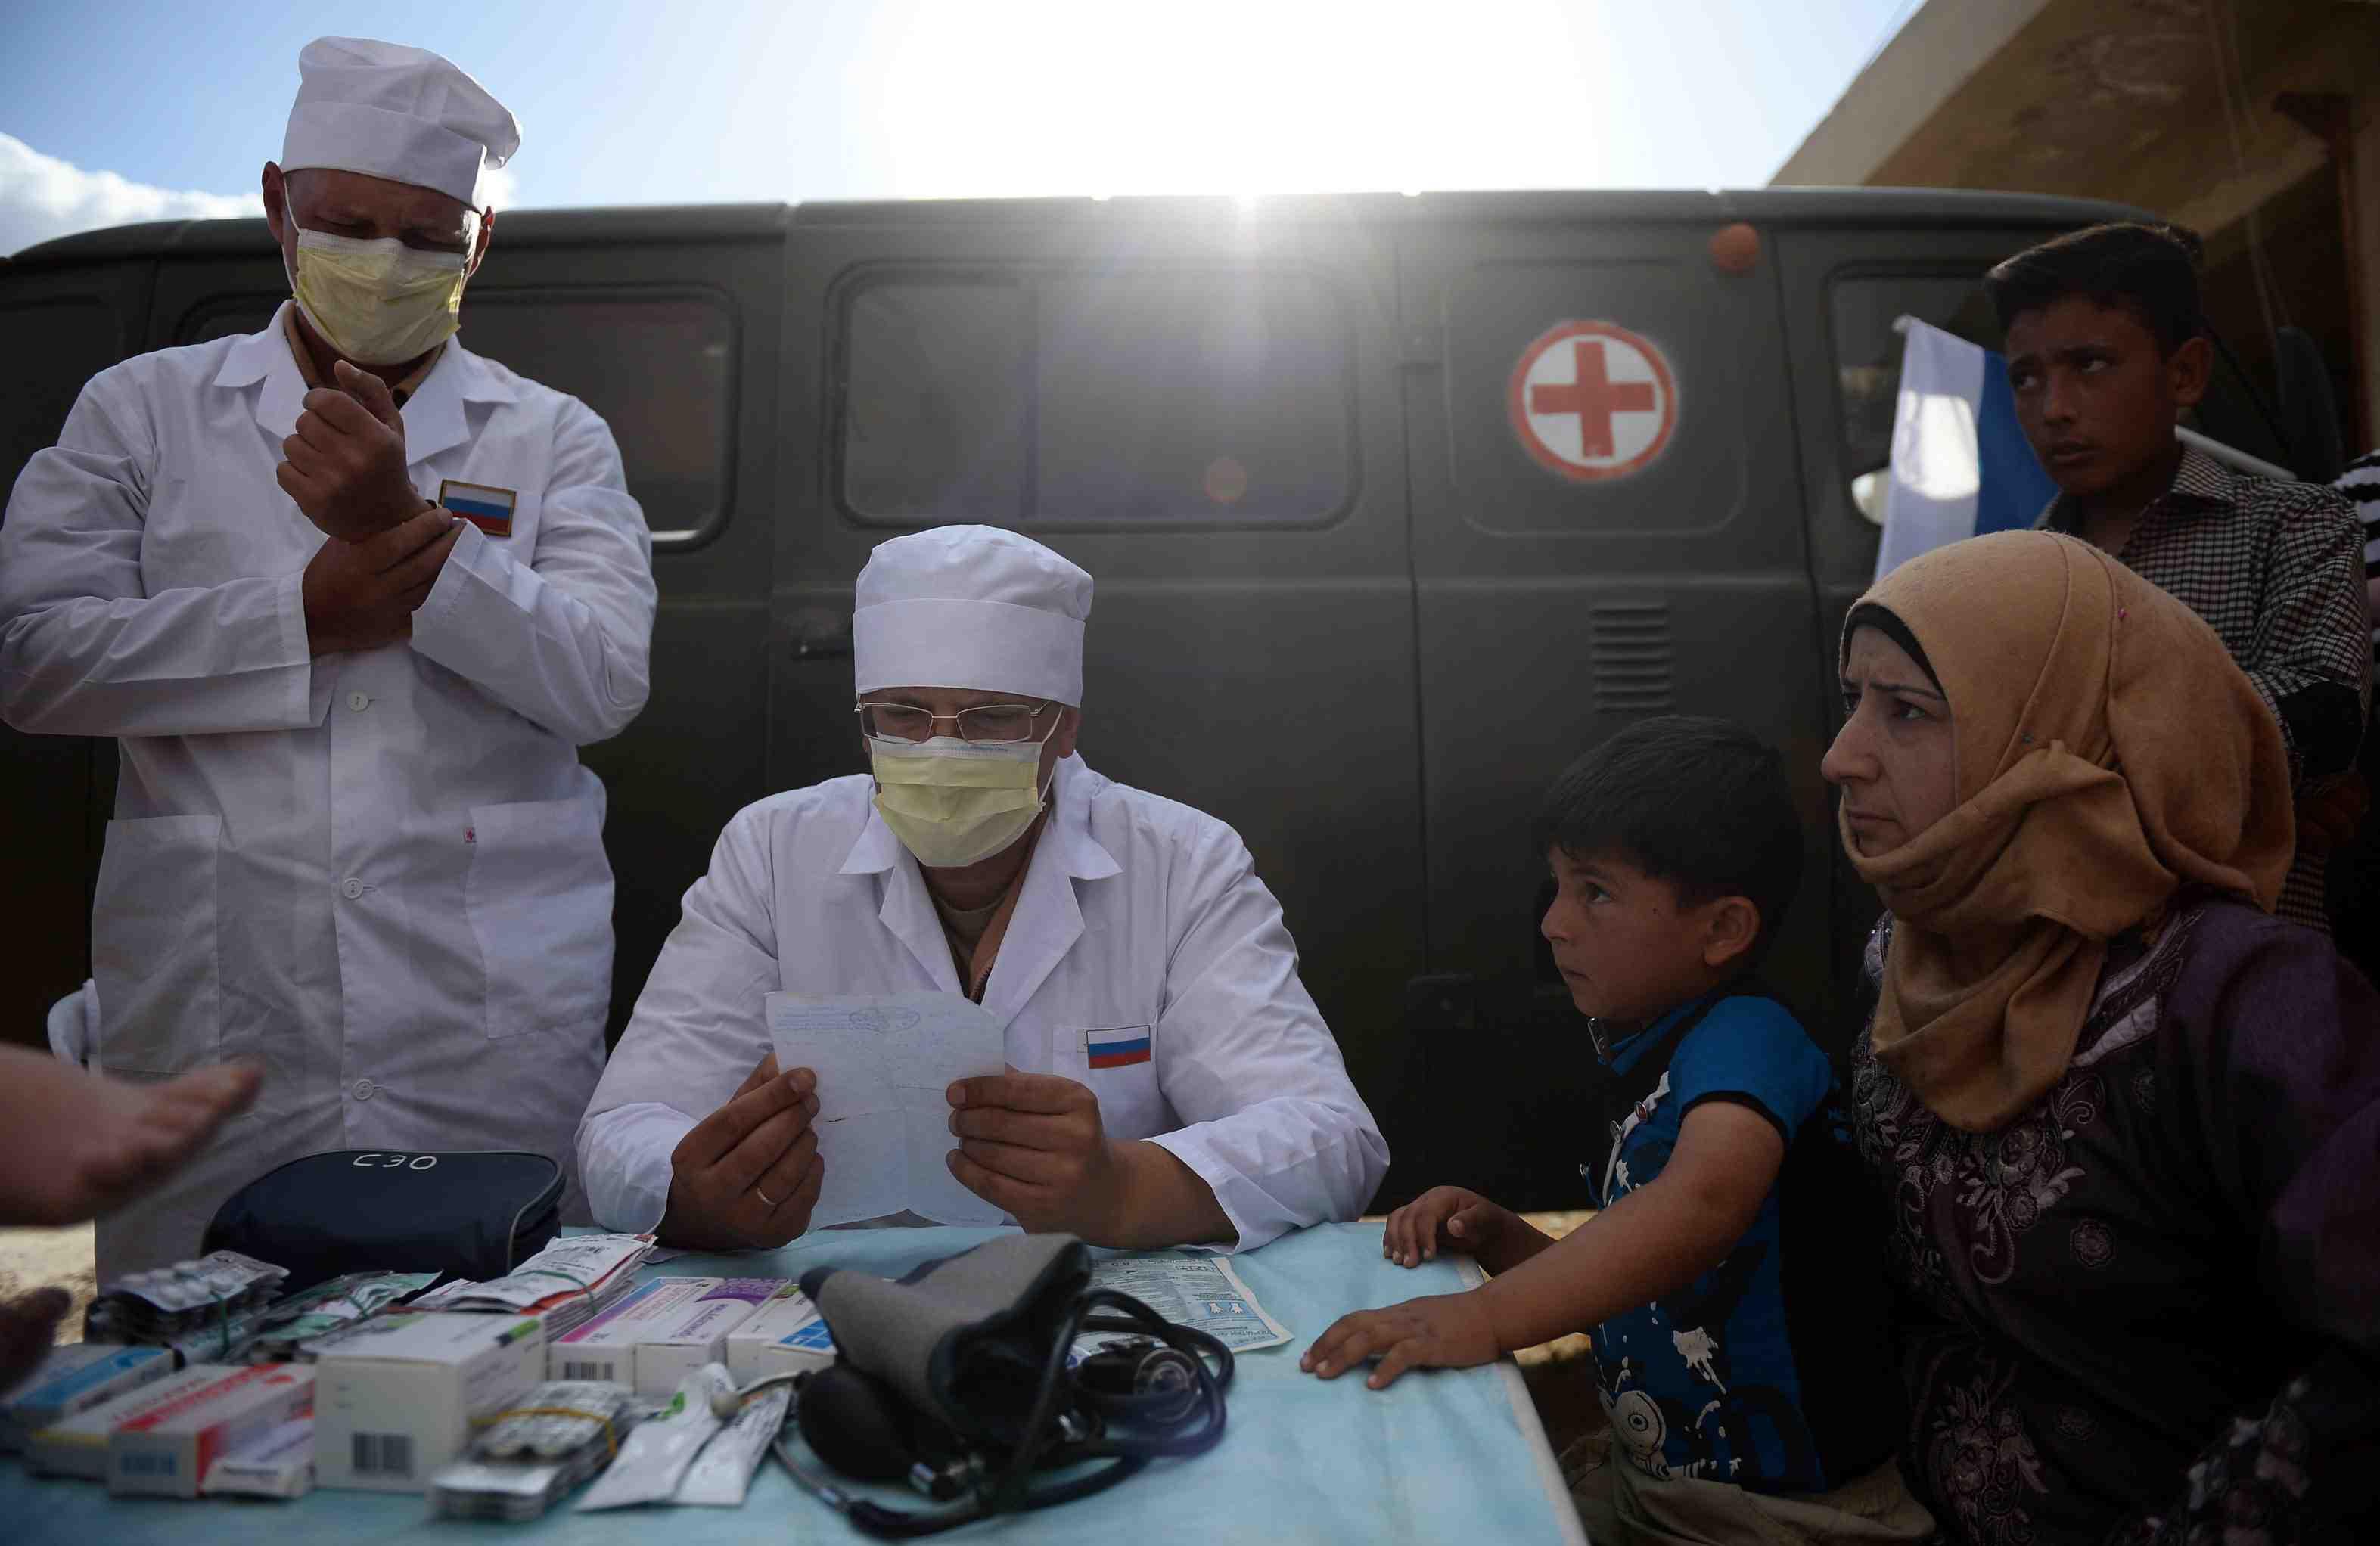 Русские мед. работники провели осмотр 200 граждан провинции Алеппо